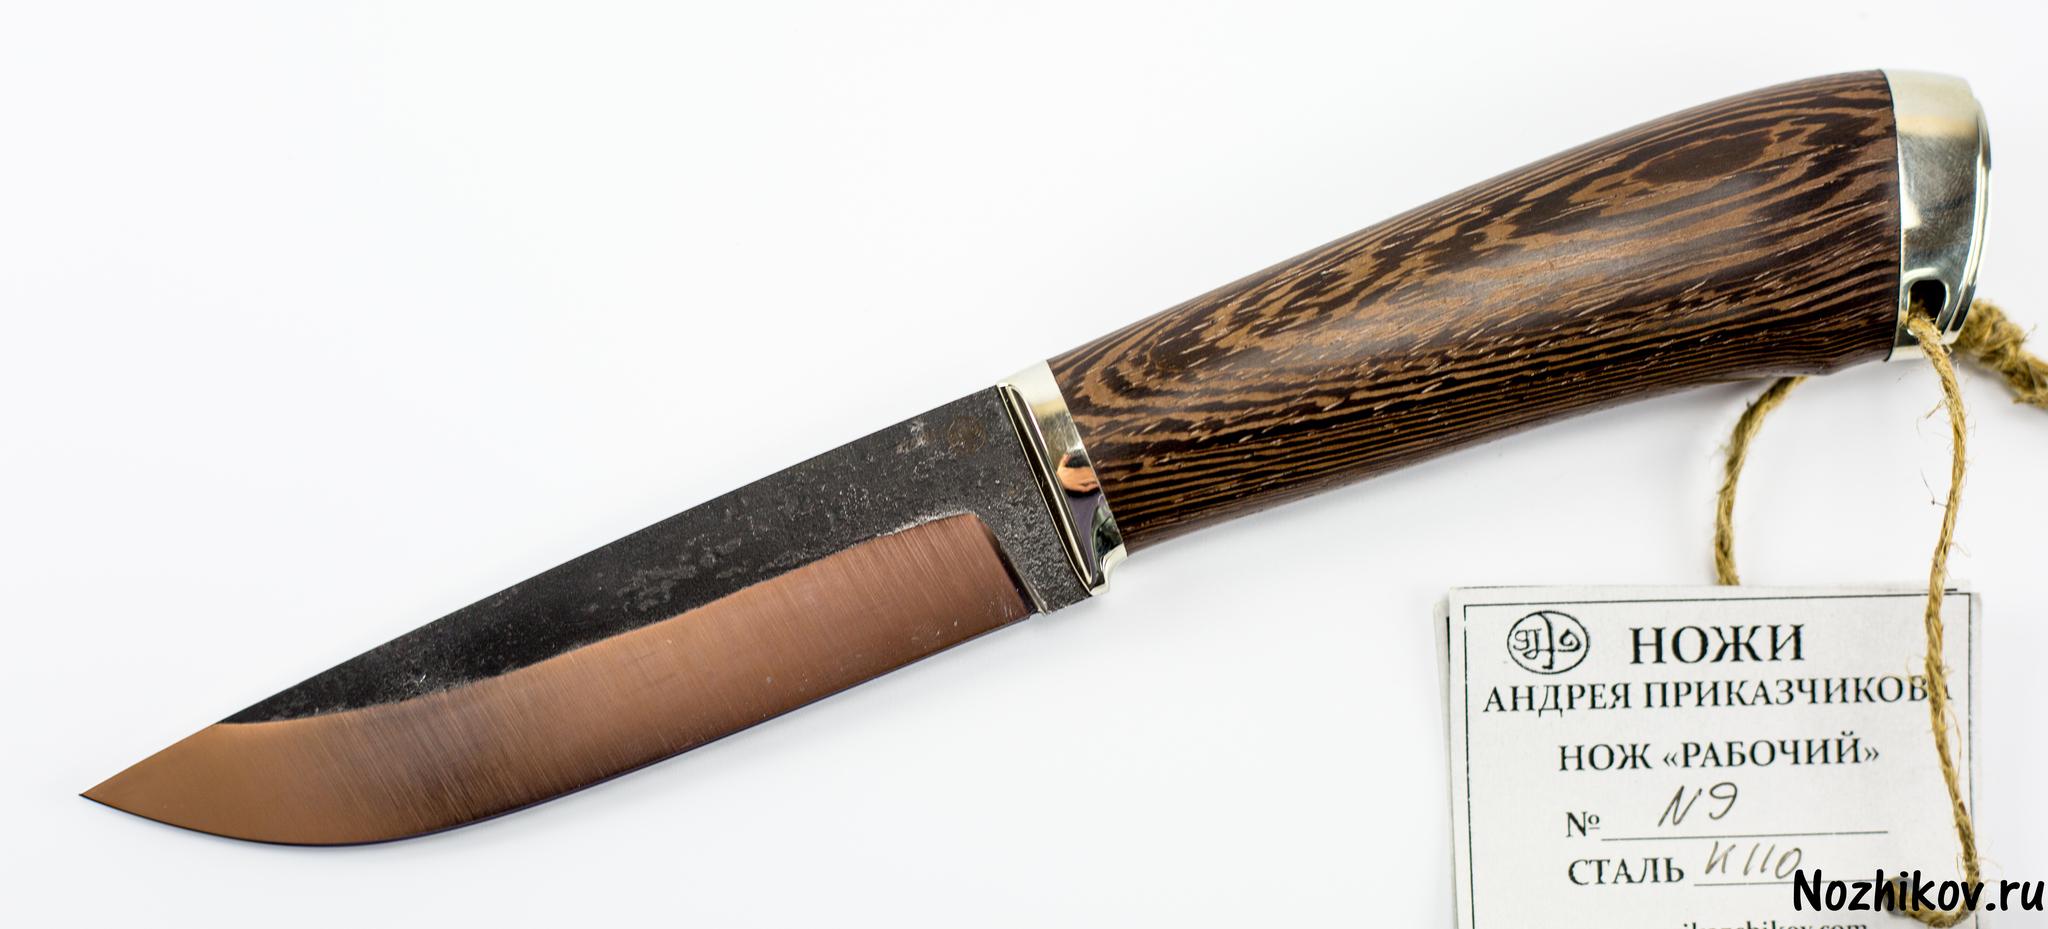 Нож Рабочий №9 из K110, от ПриказчиковаНожи Павлово<br><br>